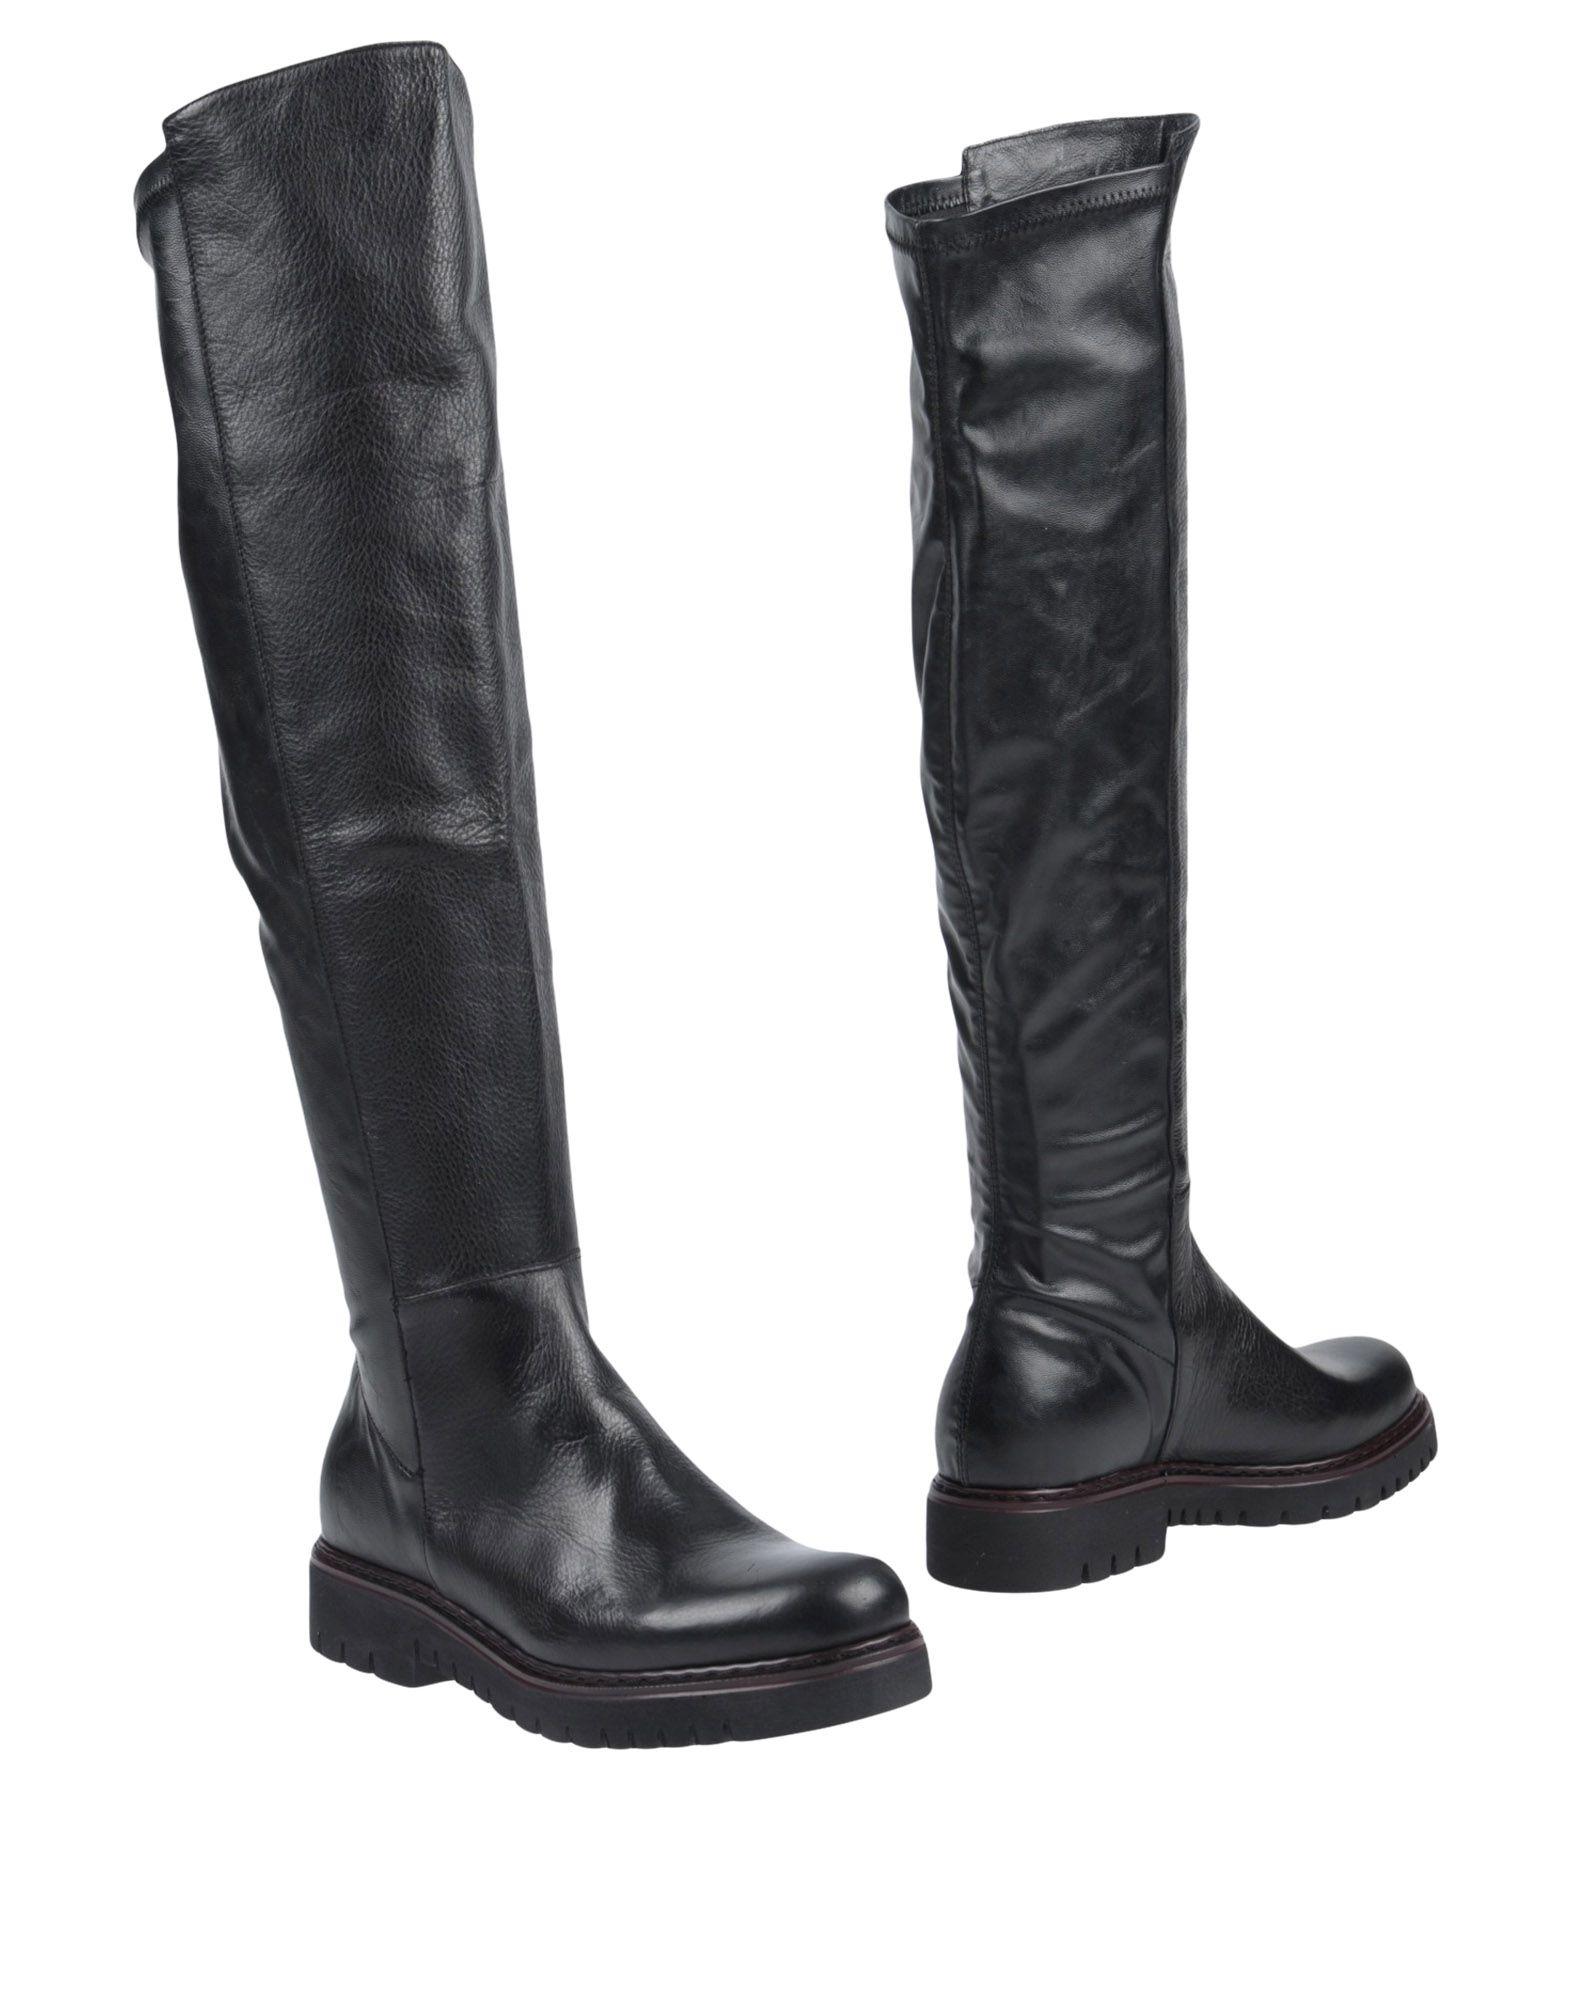 Stilvolle Passeri billige Schuhe Emanuela Passeri Stilvolle Stiefel Damen  11444454RE 08465d